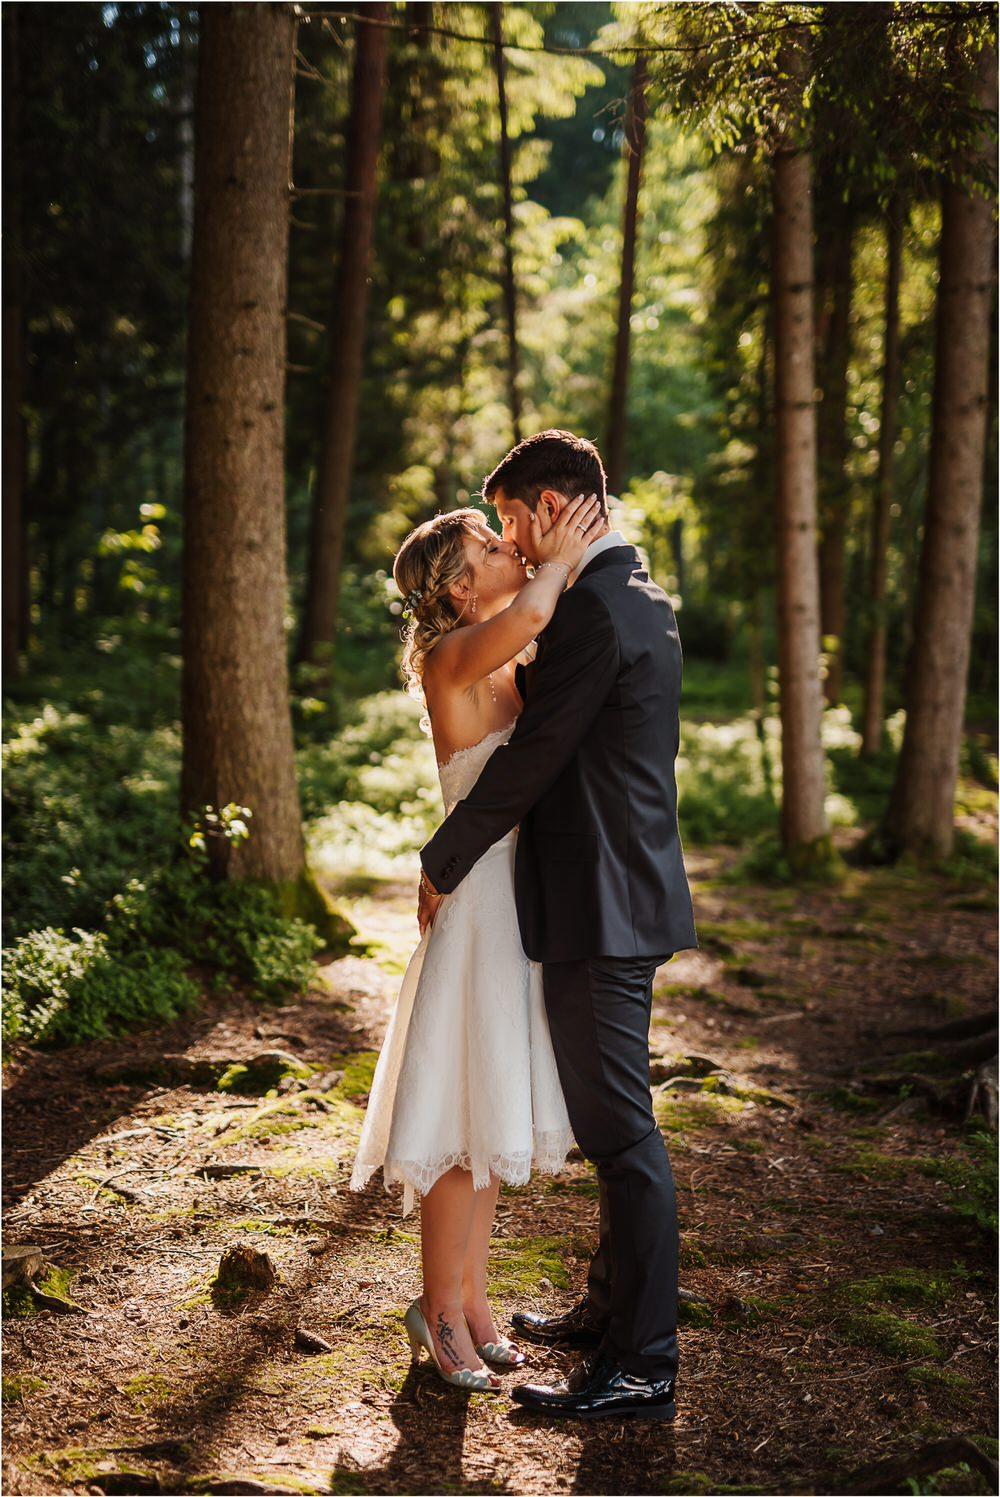 trippelgut kaernten oesterreich hochzeit fotograf phtoographer austria elegant wedding hochzeitsfotograf hochzeitsfotografie 0026.jpg